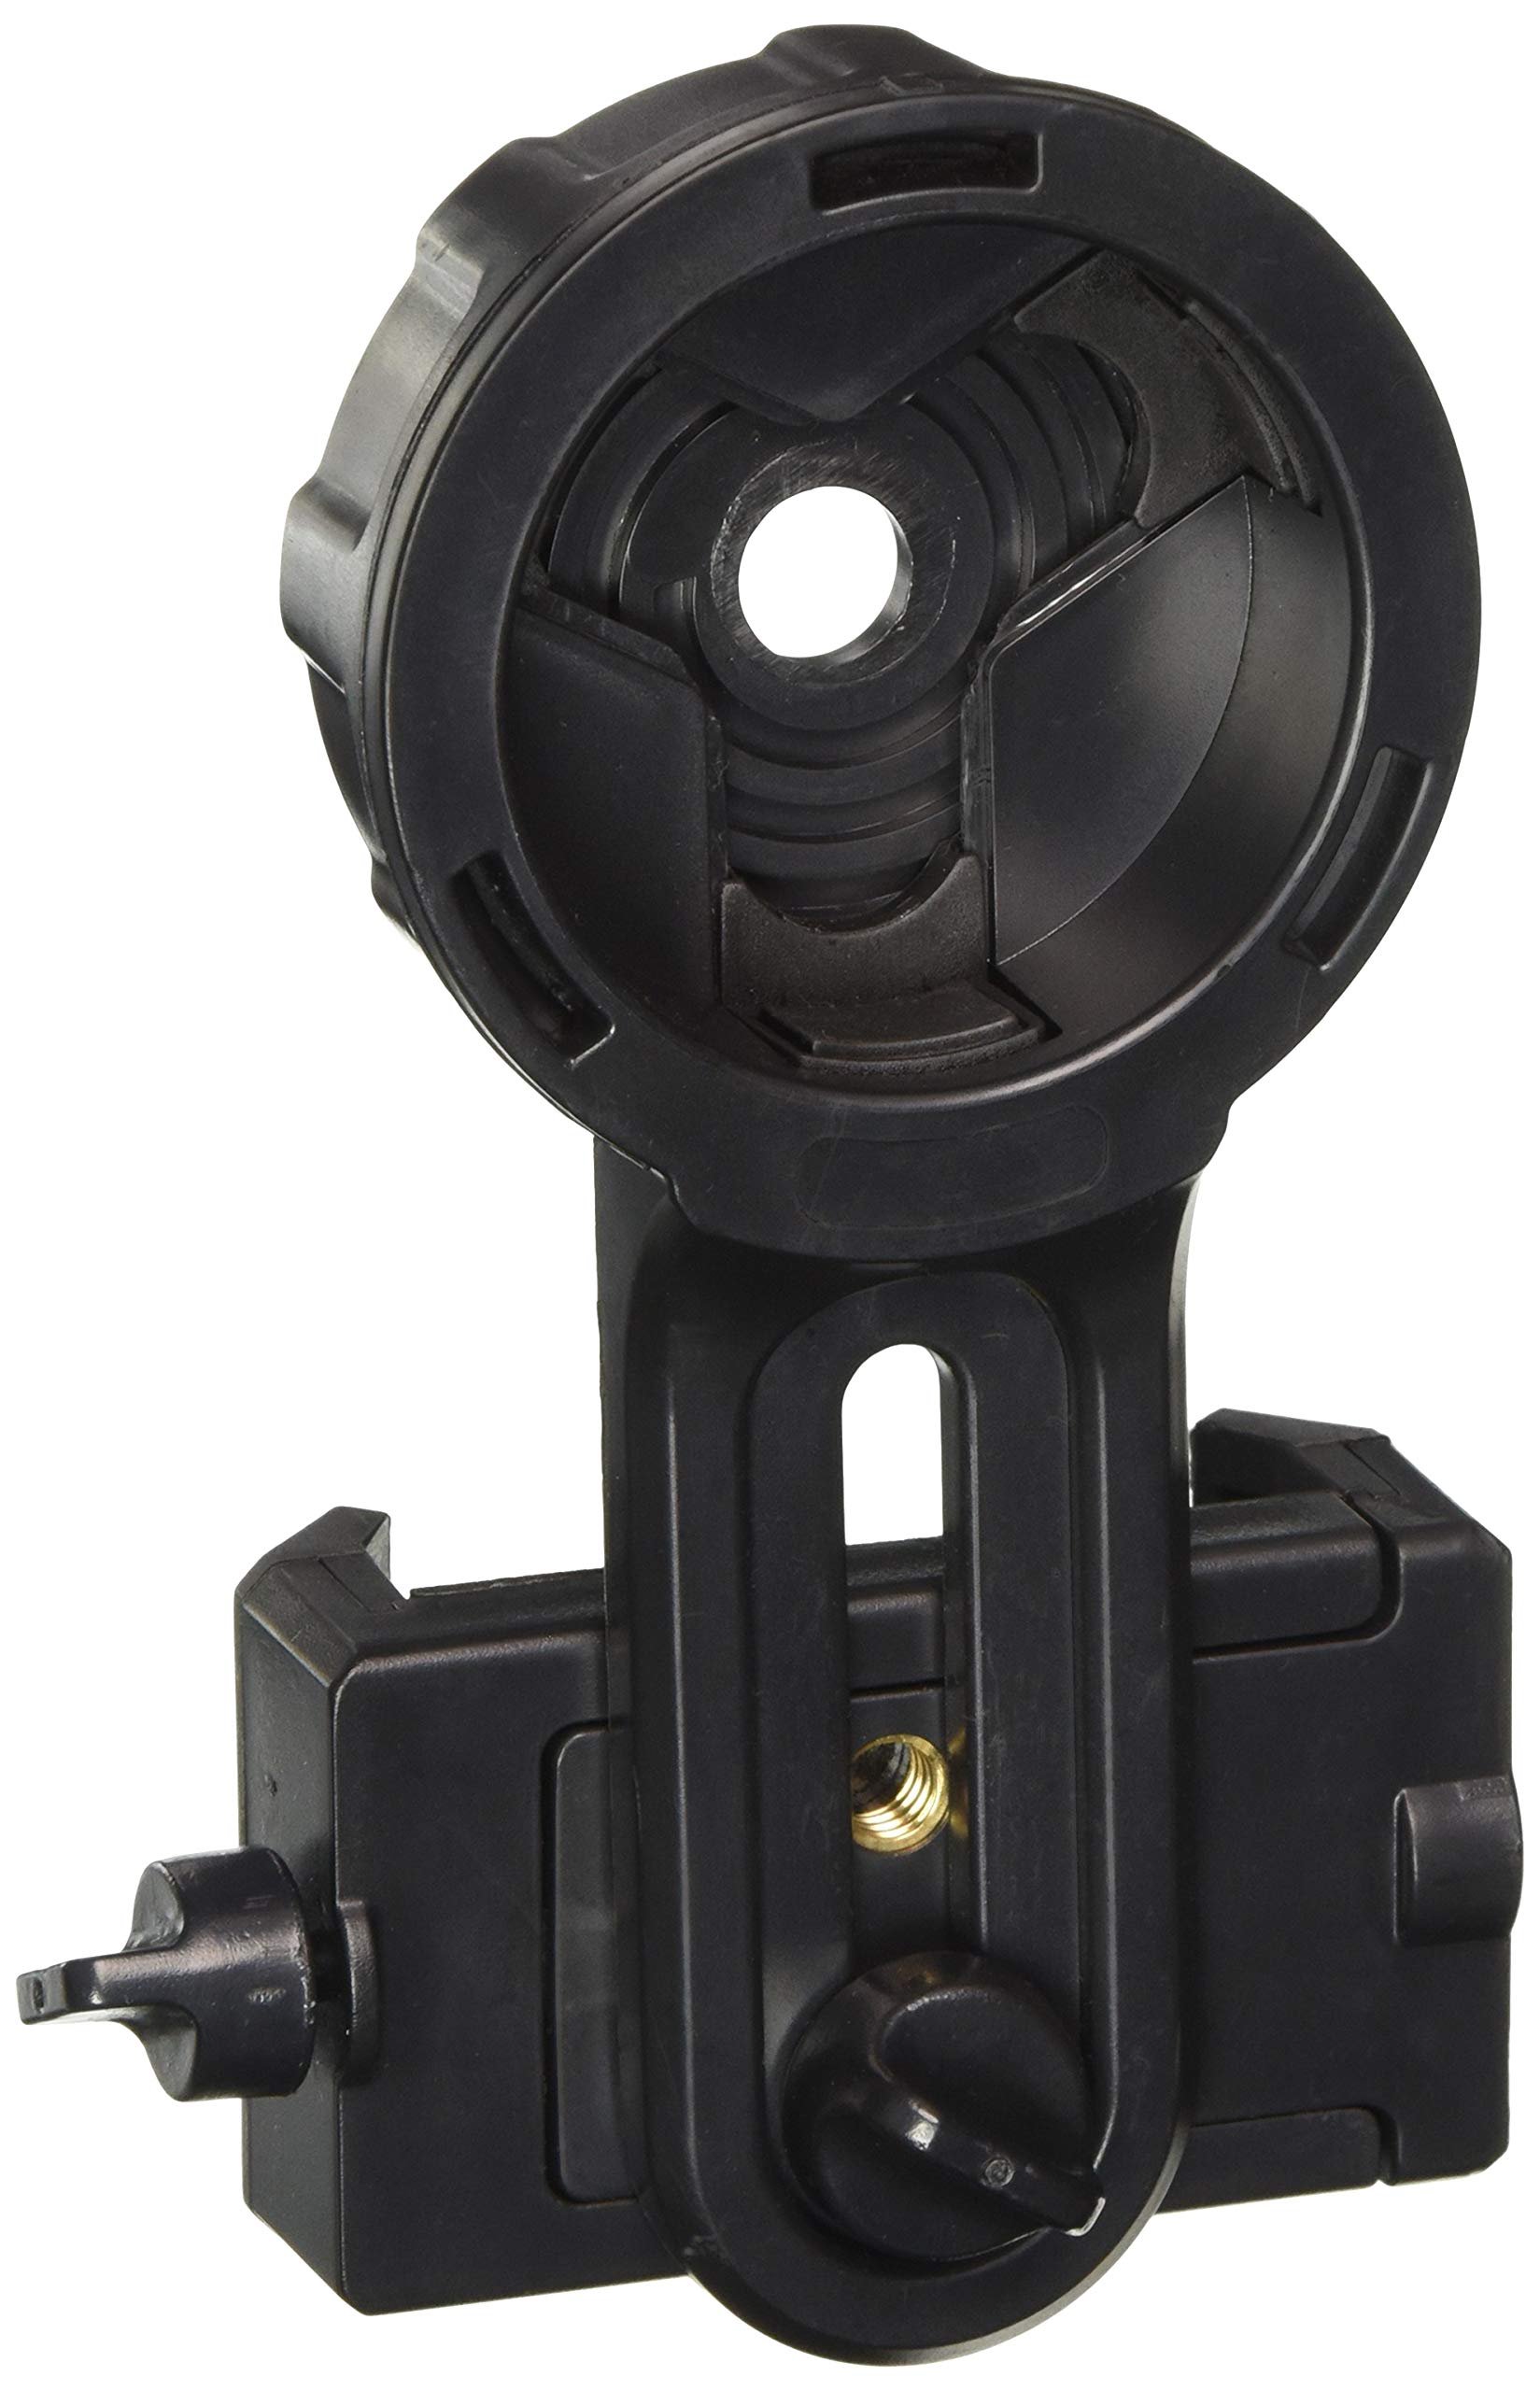 Orion SteadyPix rápido Smartphone Telescopio Adaptador de Fotos ...